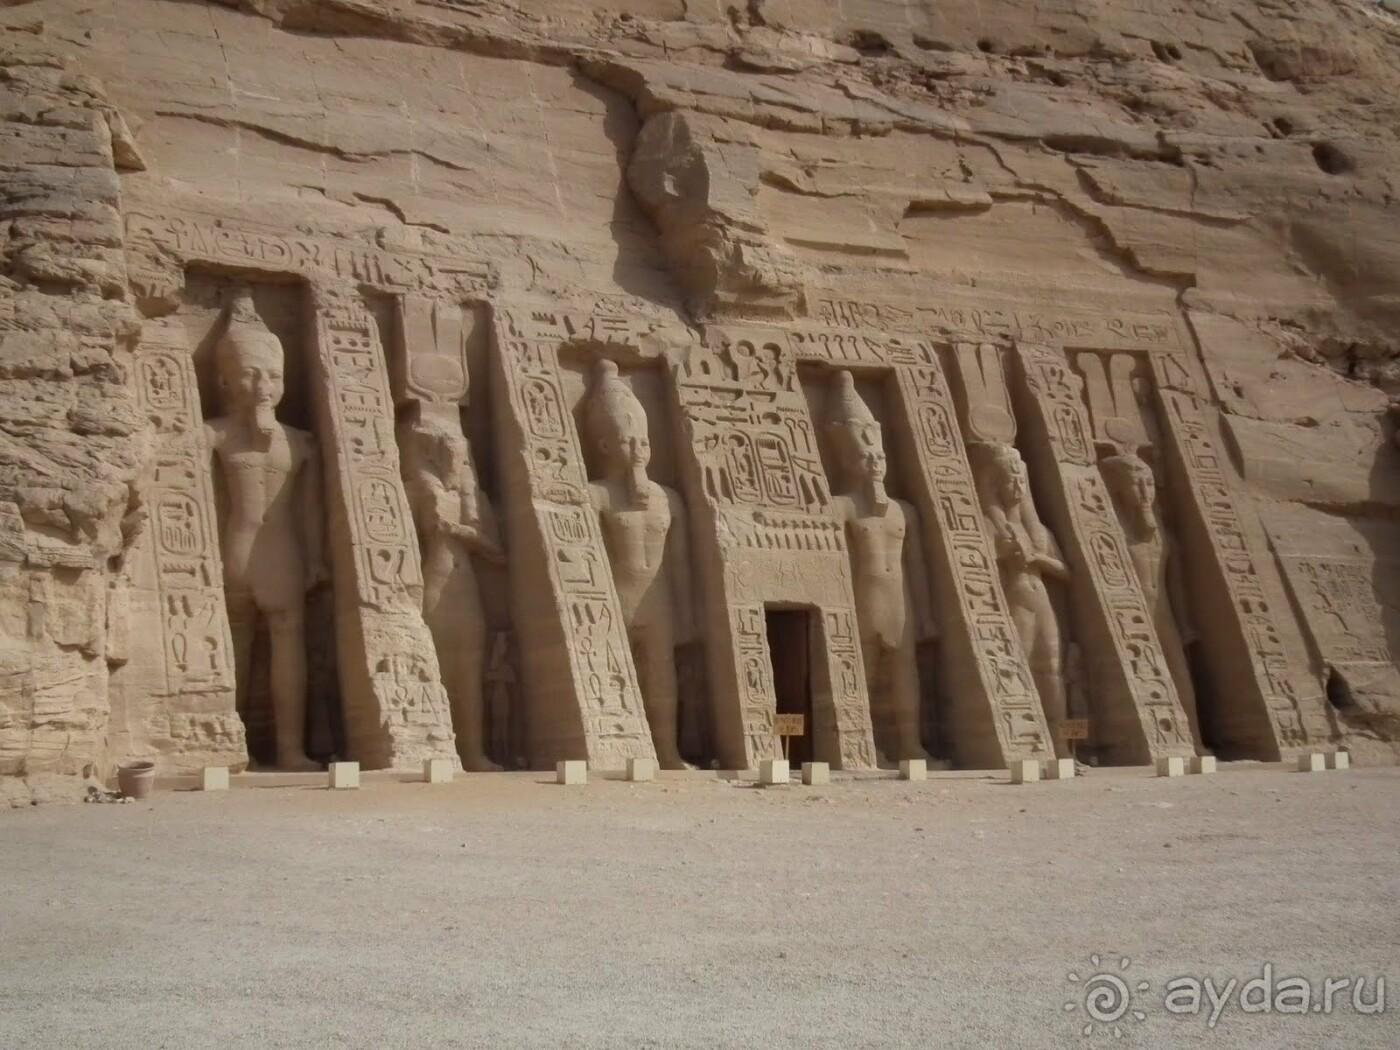 Долина фараонів у Луксорі, Фото - з відкритого доступу